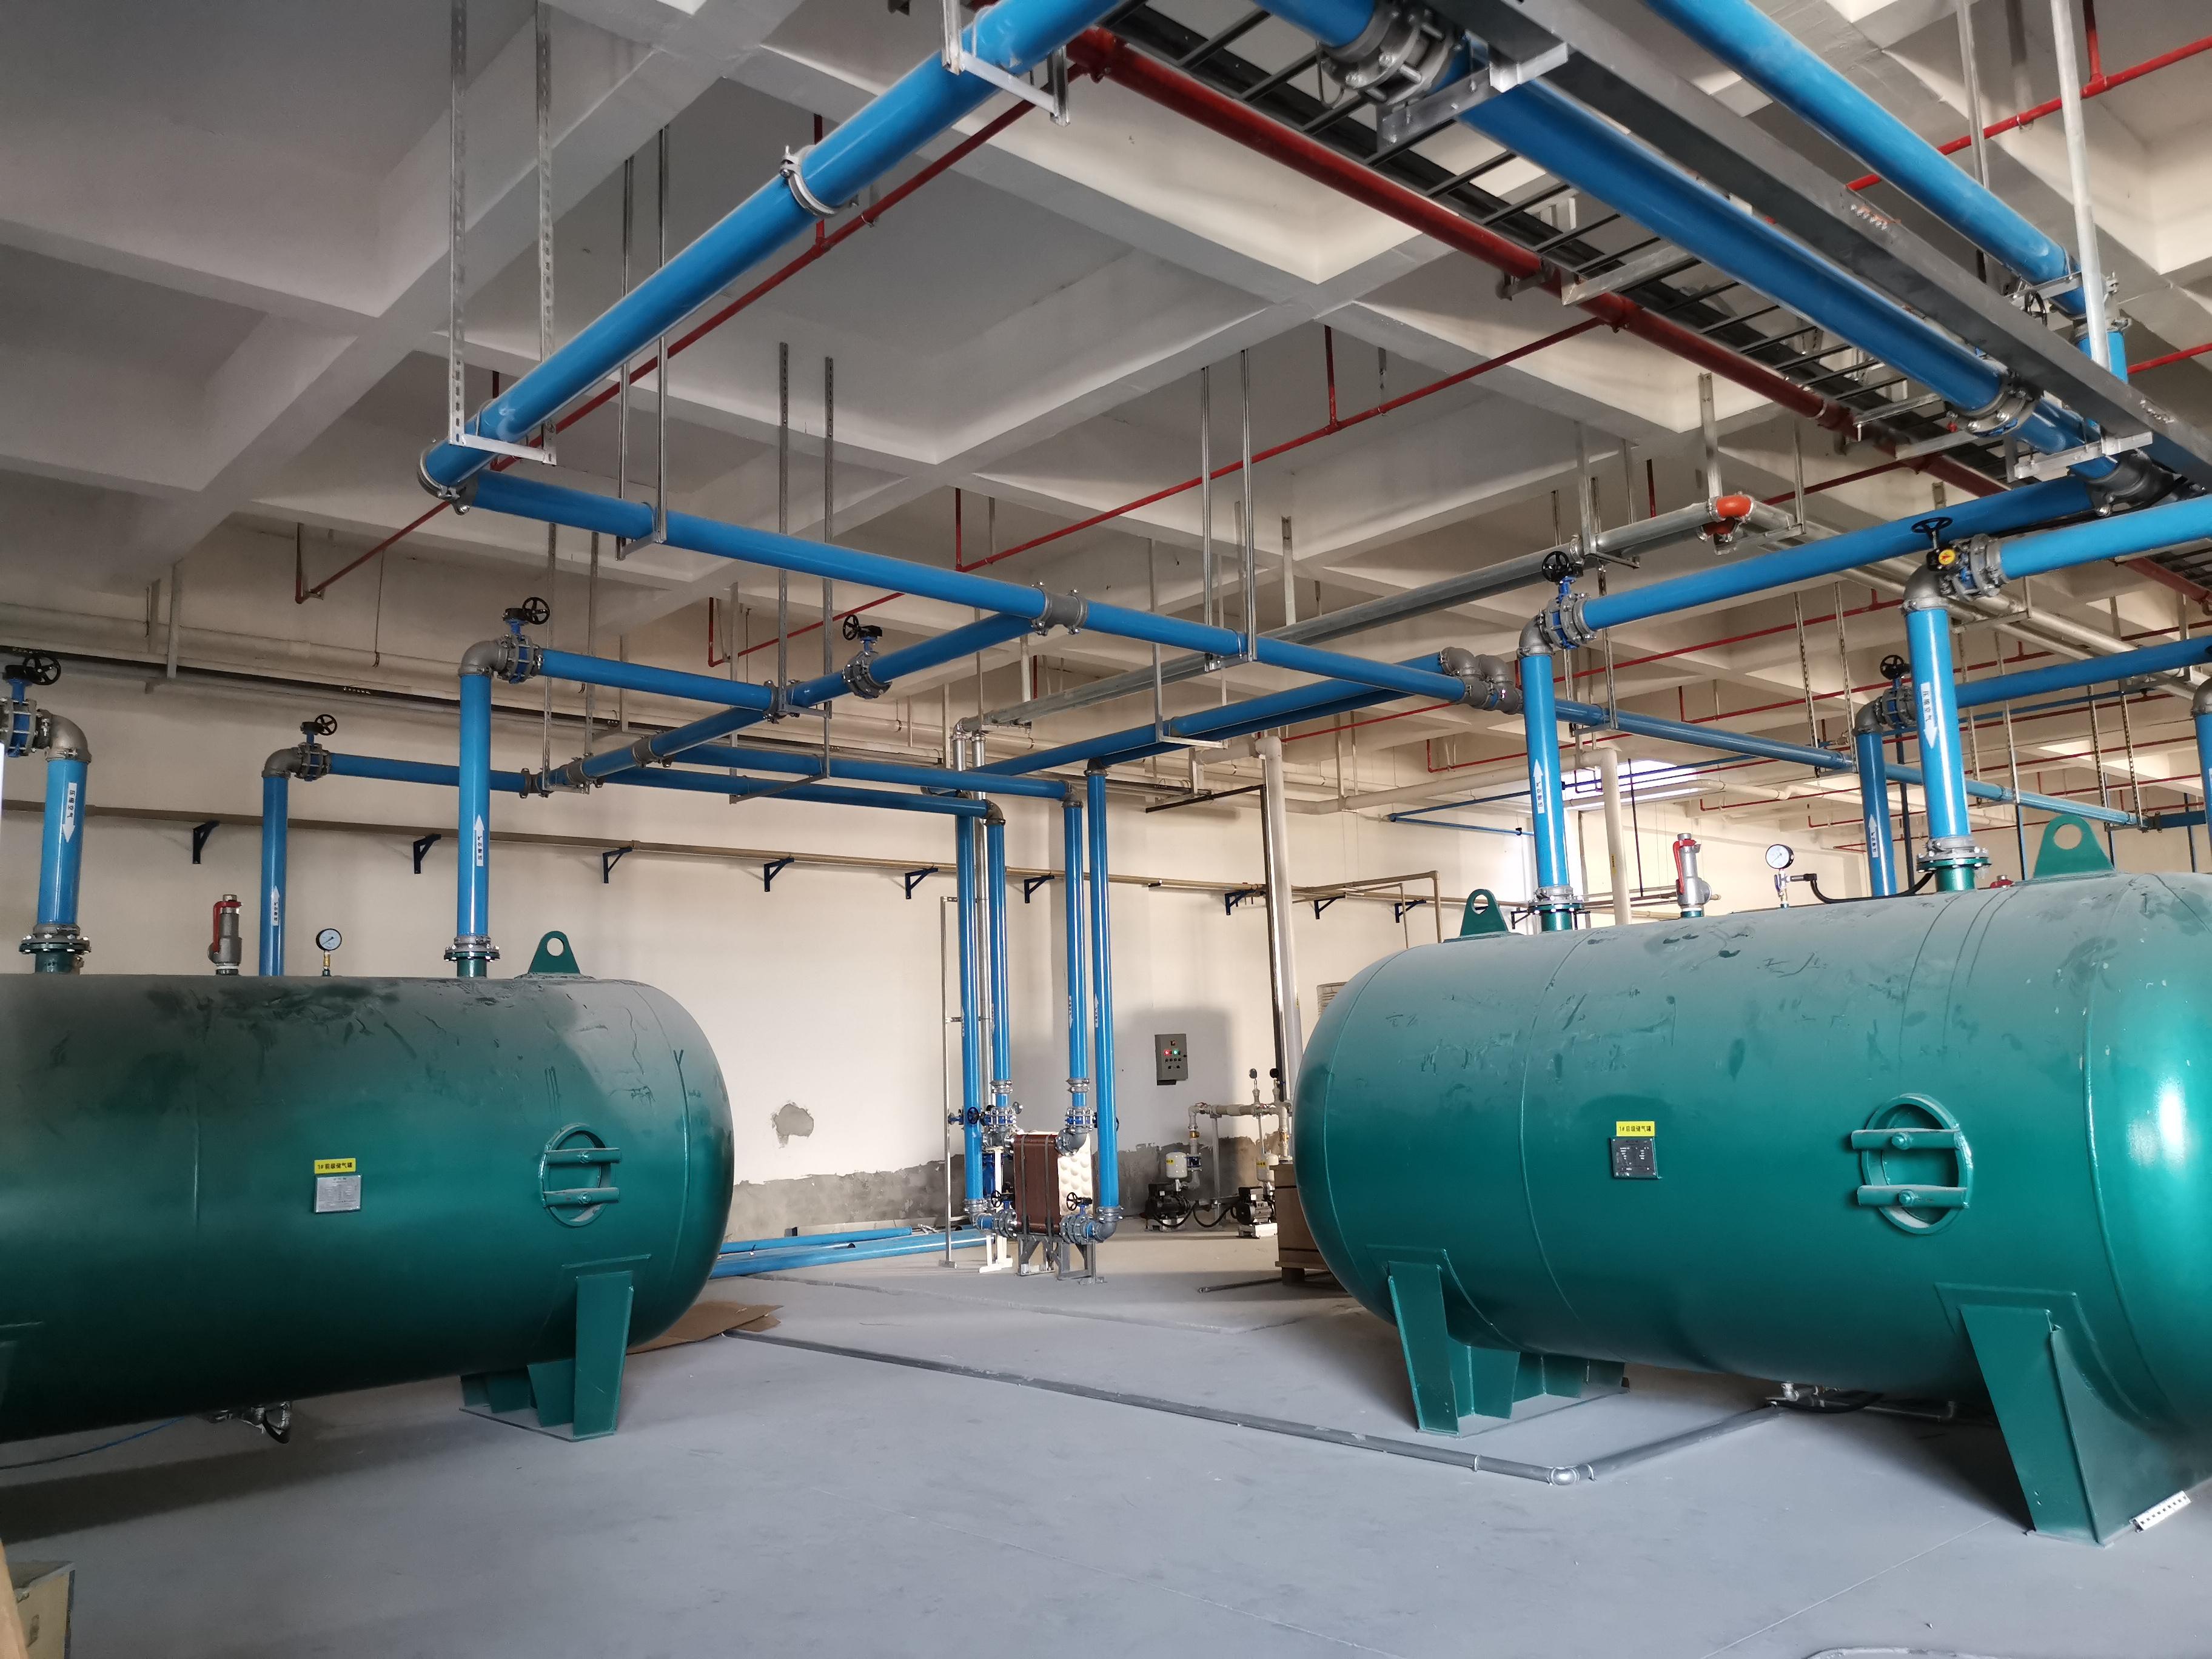 鋁合金節能管道工程